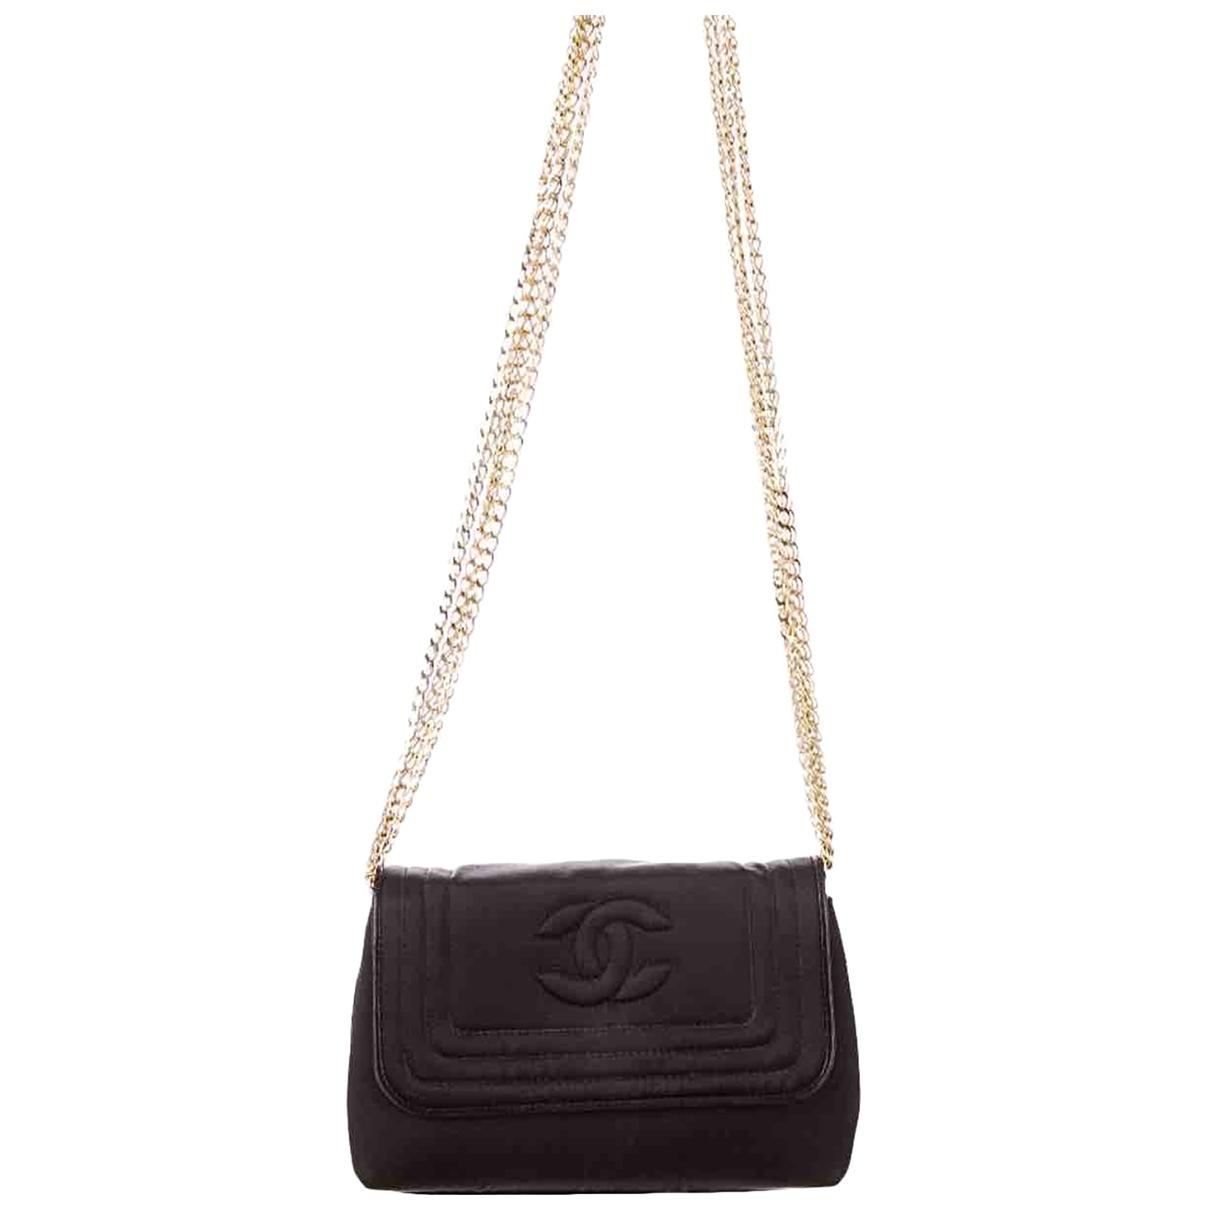 Chanel \N Handtasche in  Schwarz Seide